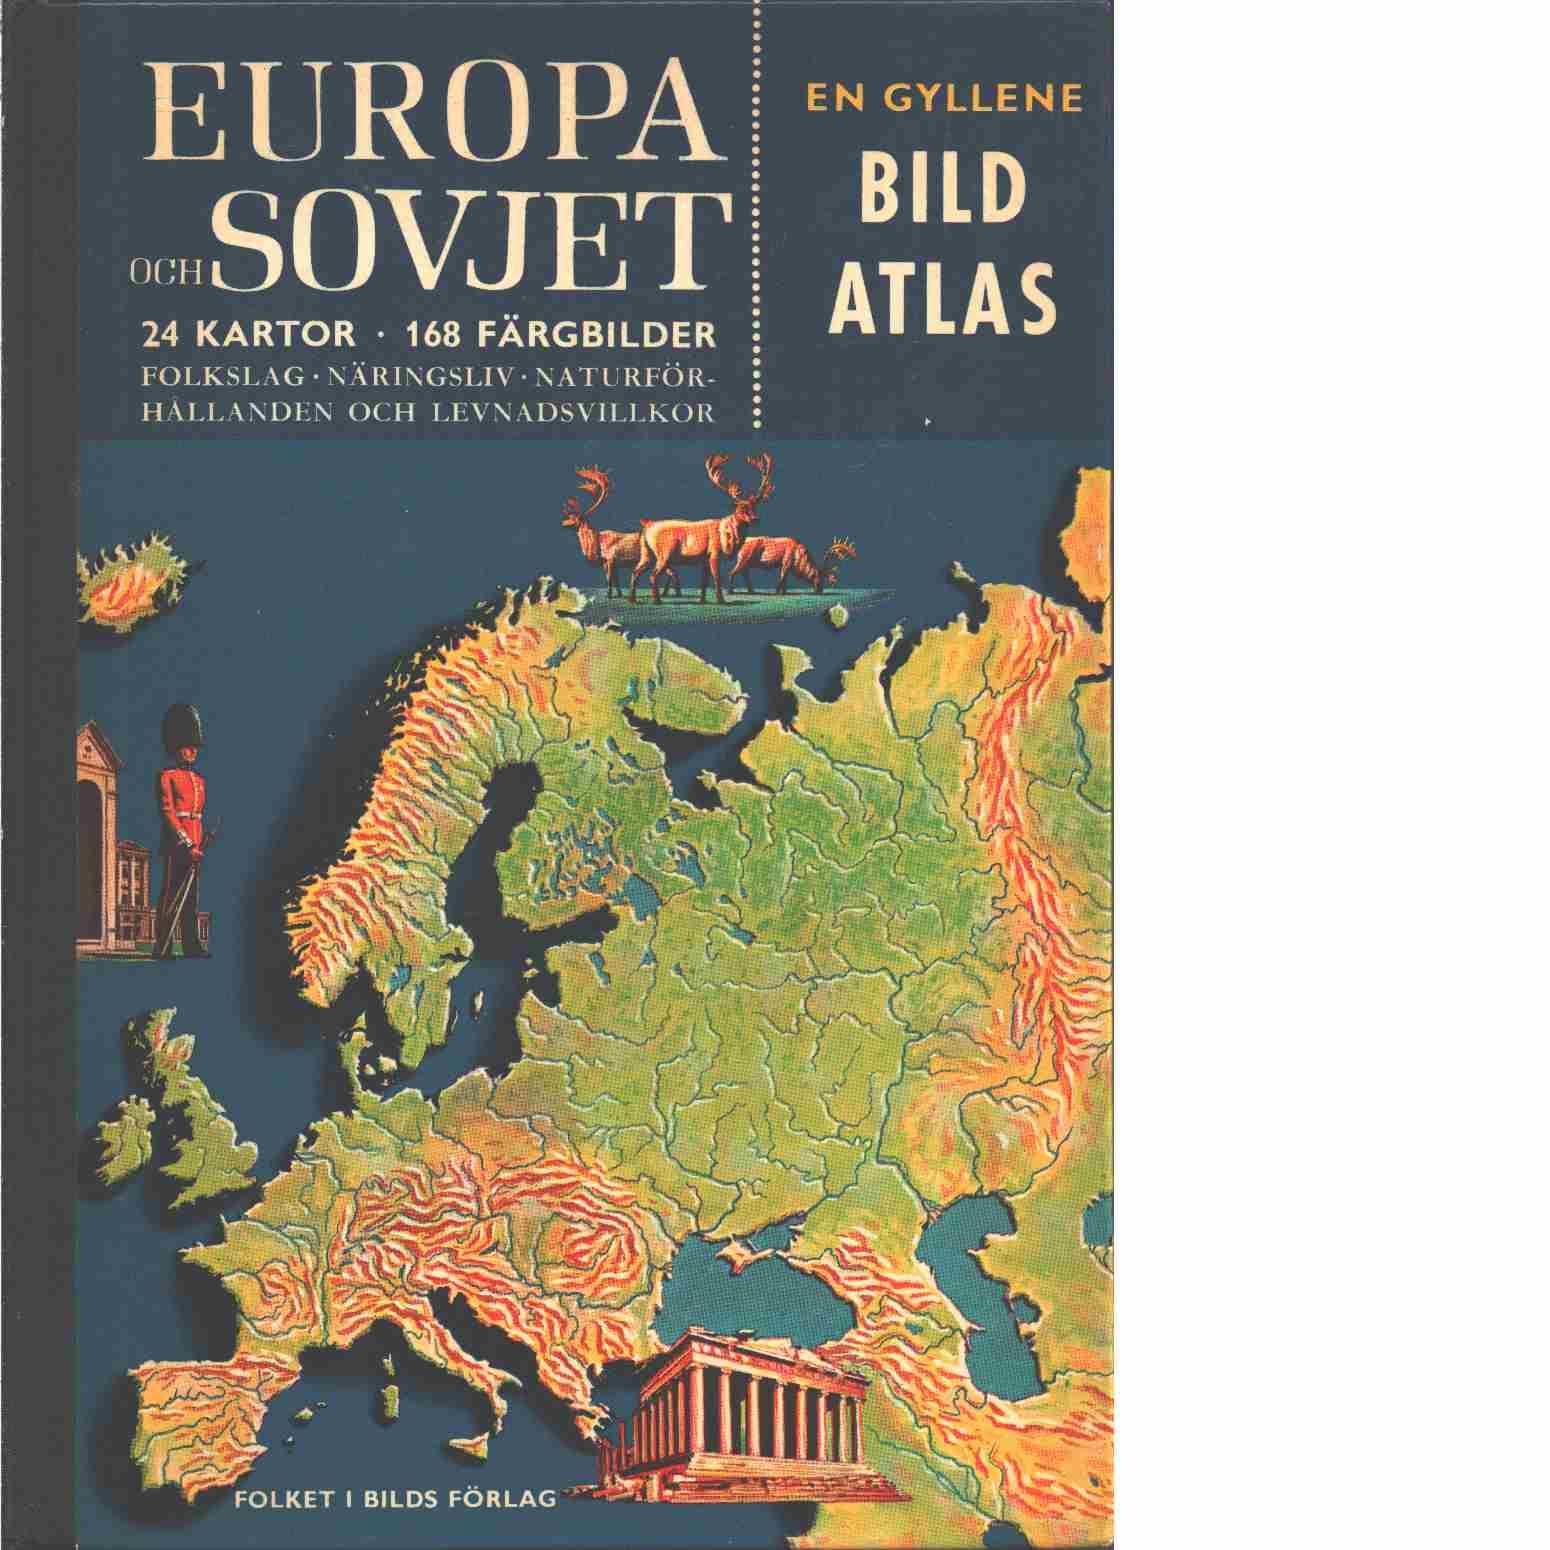 FIB:s gyllene bildatlas. 3.  Europa och Sovjet - Red. Bacon, Phillip och Collins, Henry Hill